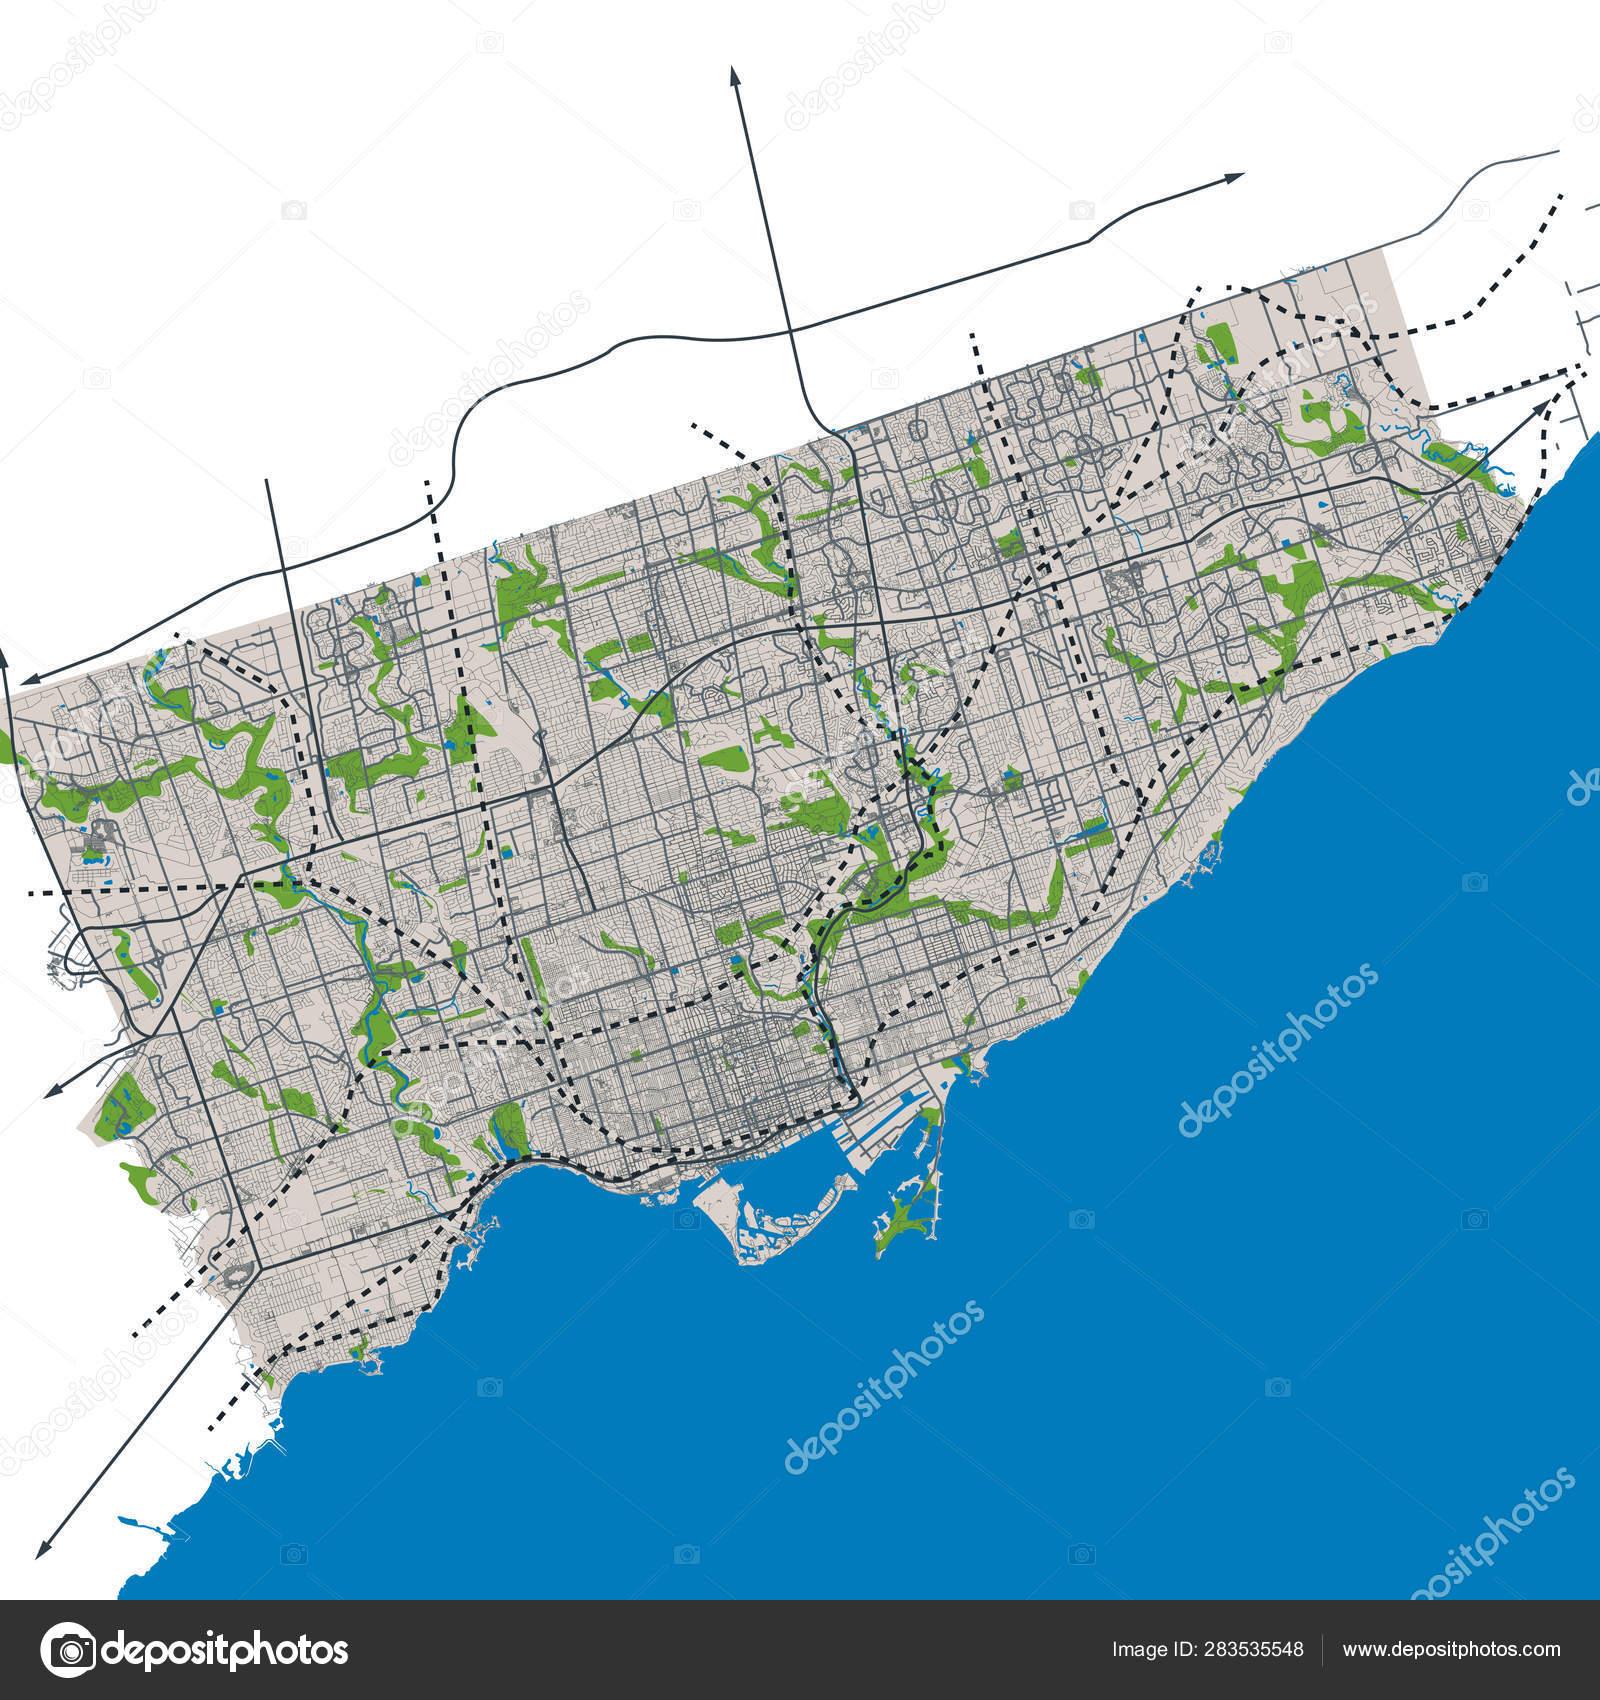 Toronto Ontario Canada Street Network Vector Map — Stock ...